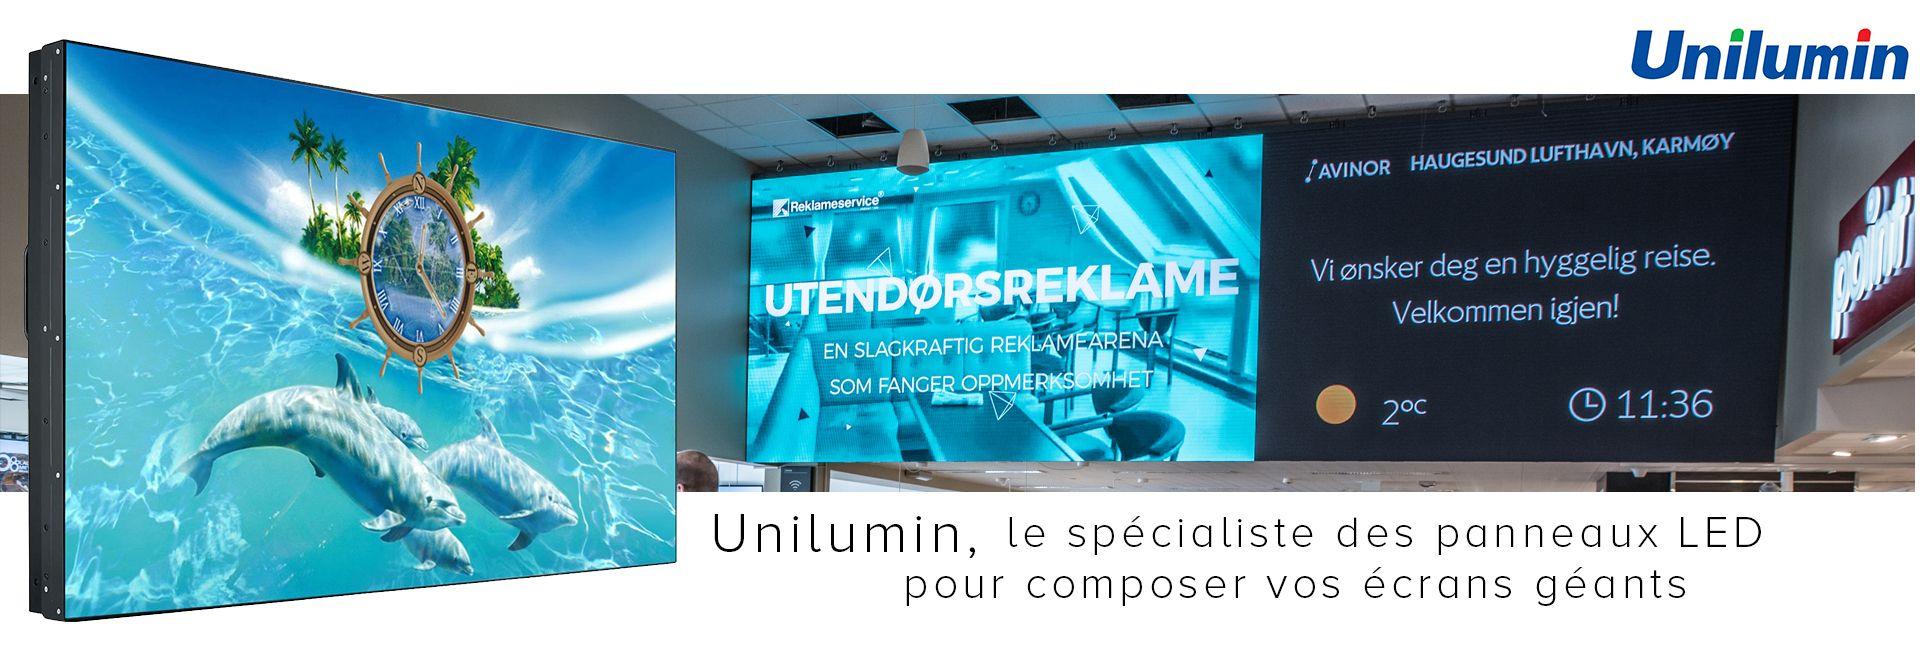 Unilumin, le spécialiste des panneaux LED